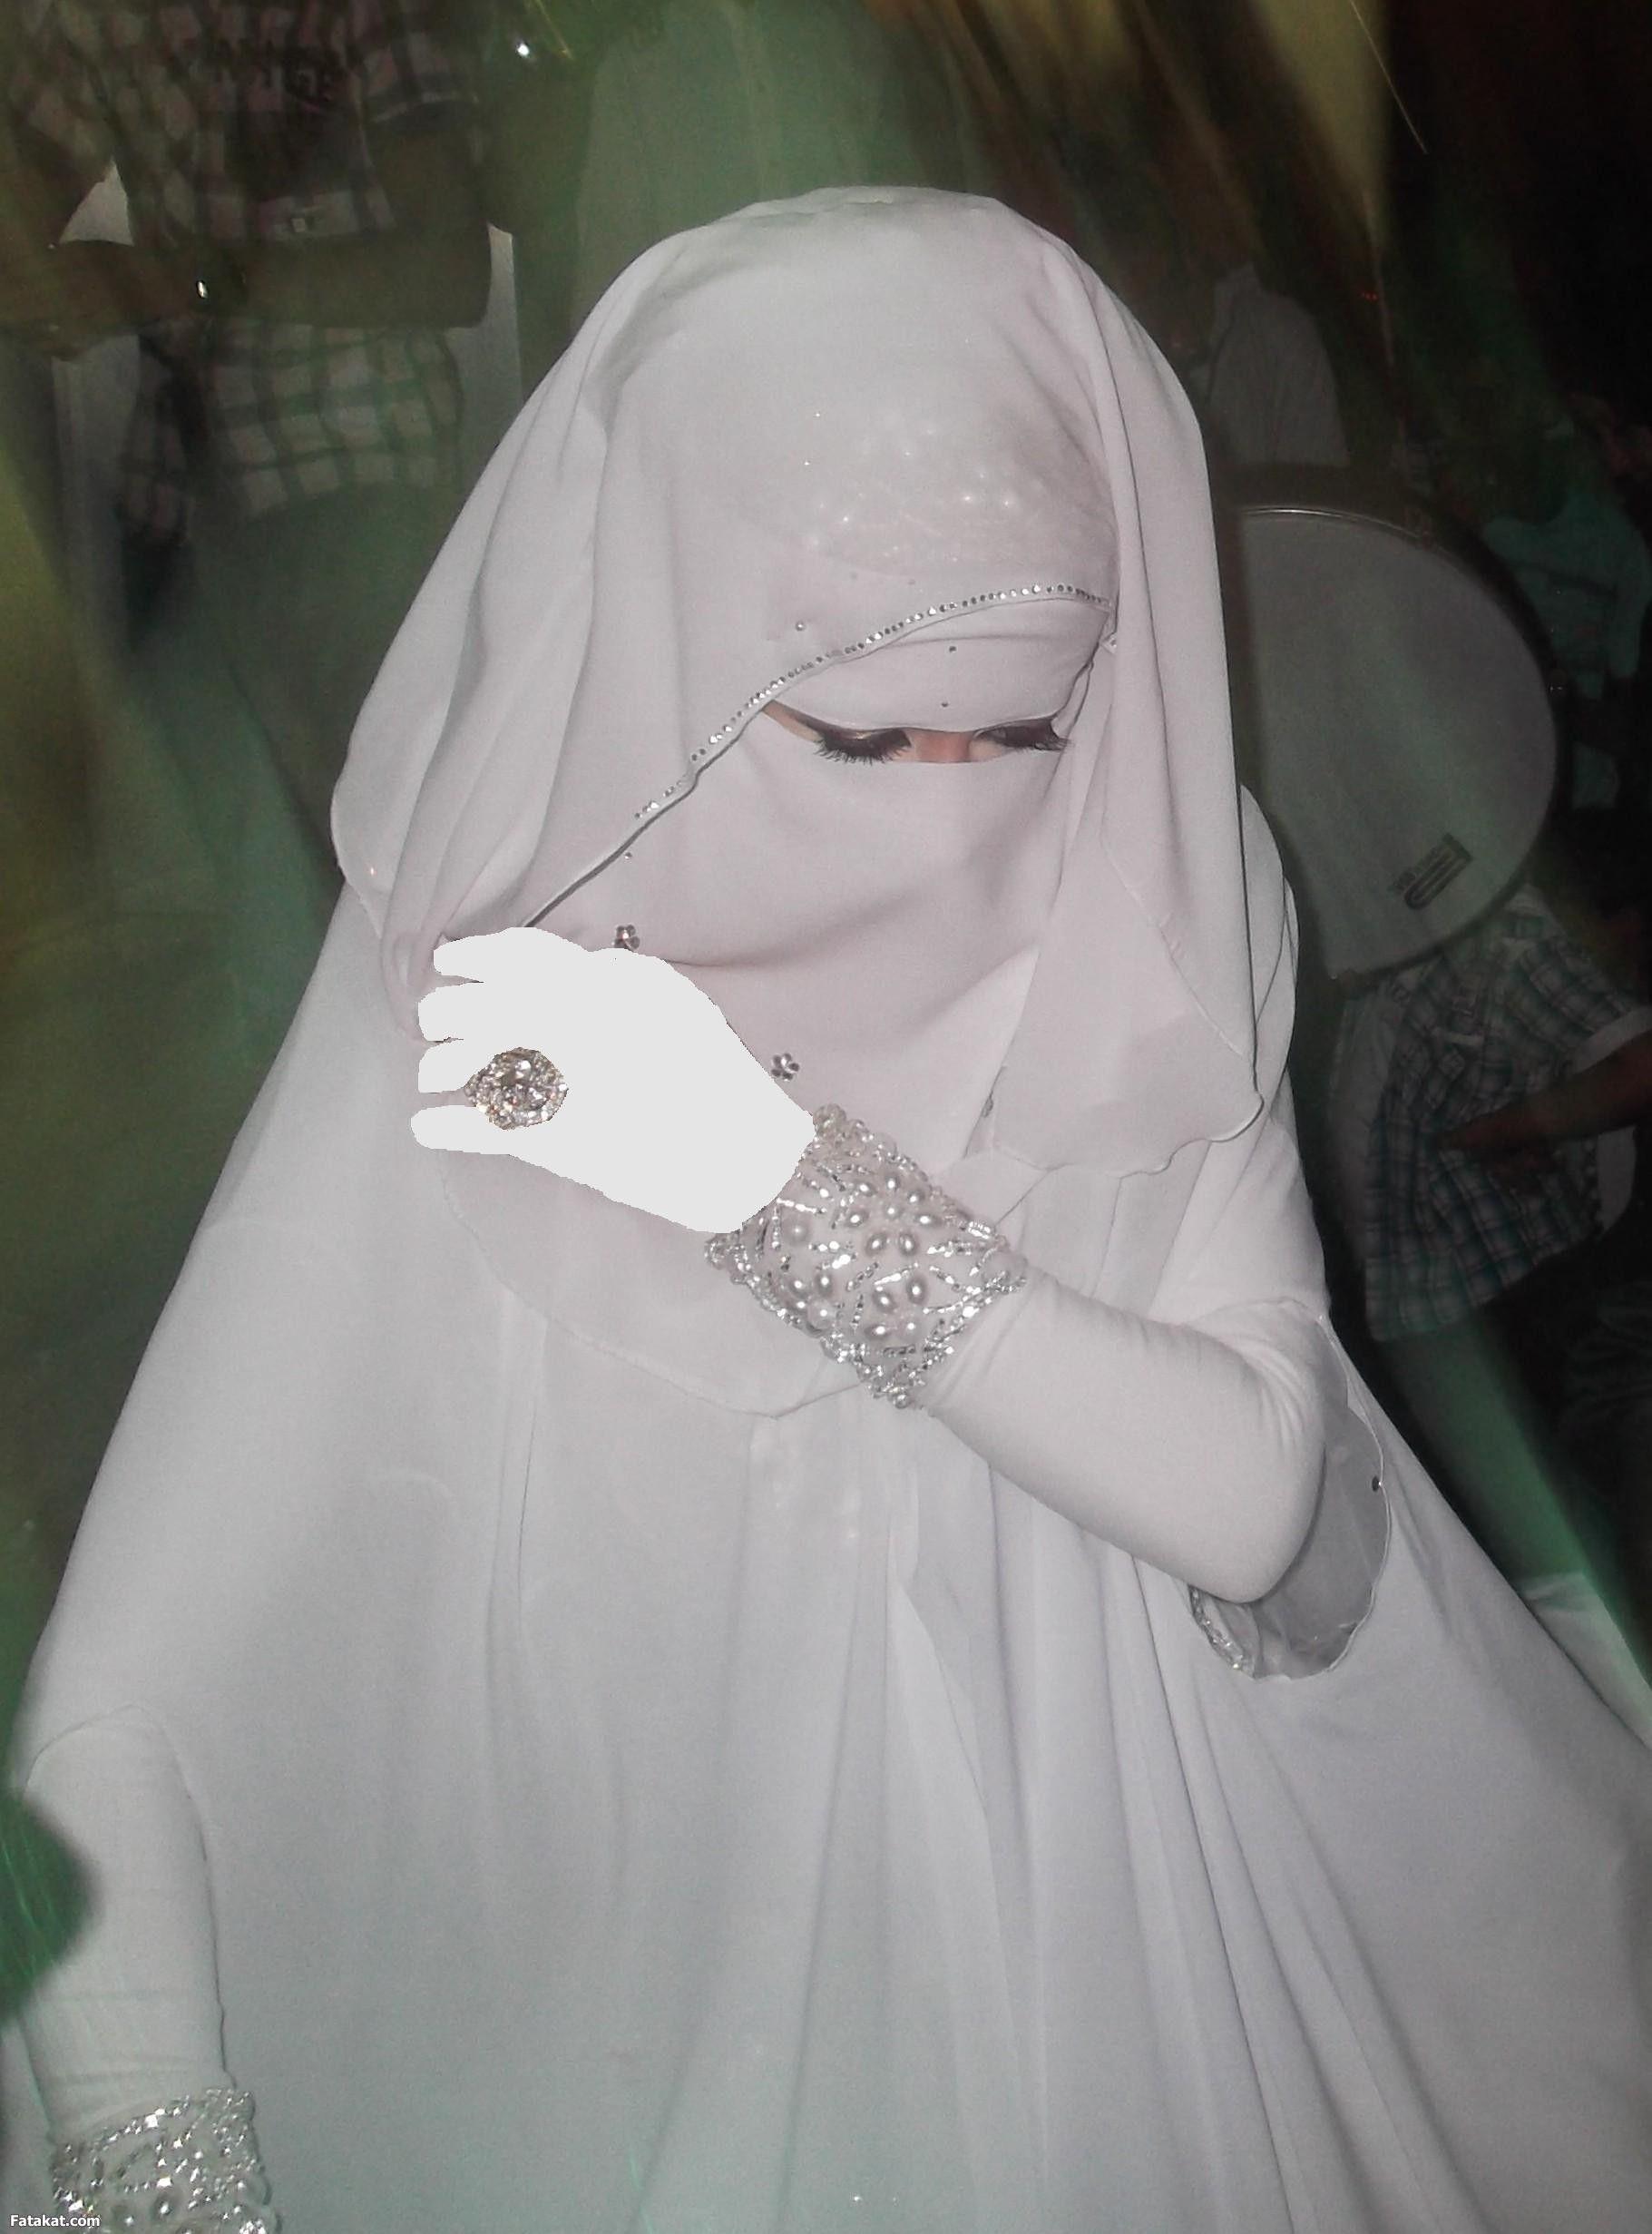 Niqab bride  Hijab hochzeitskleider, Muslimische bräute, Islam frauen